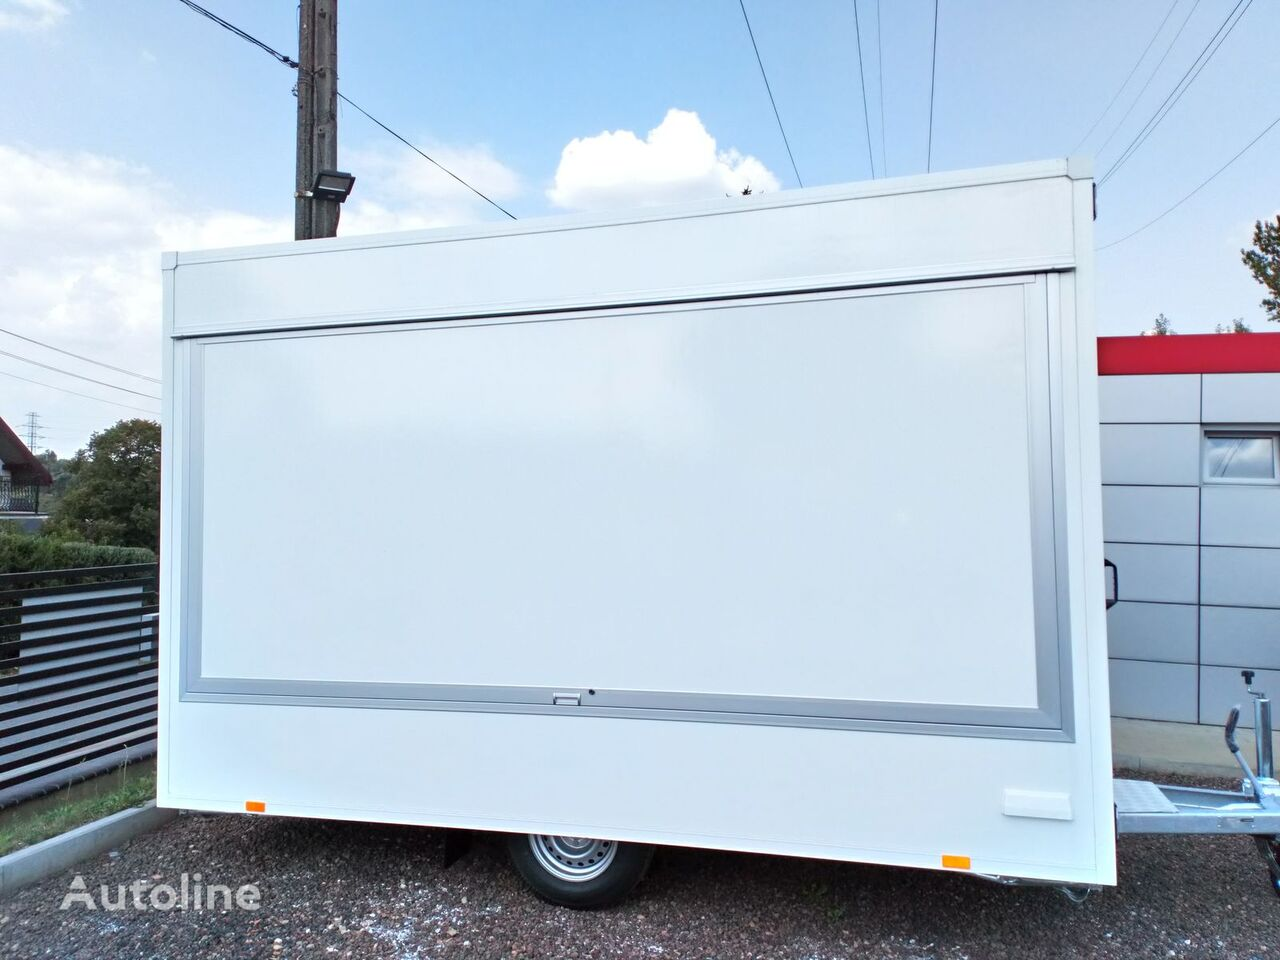 new BANNERT  3,7 m Food Truck, Imbiss, Handlowa, Piekarni vending trailer